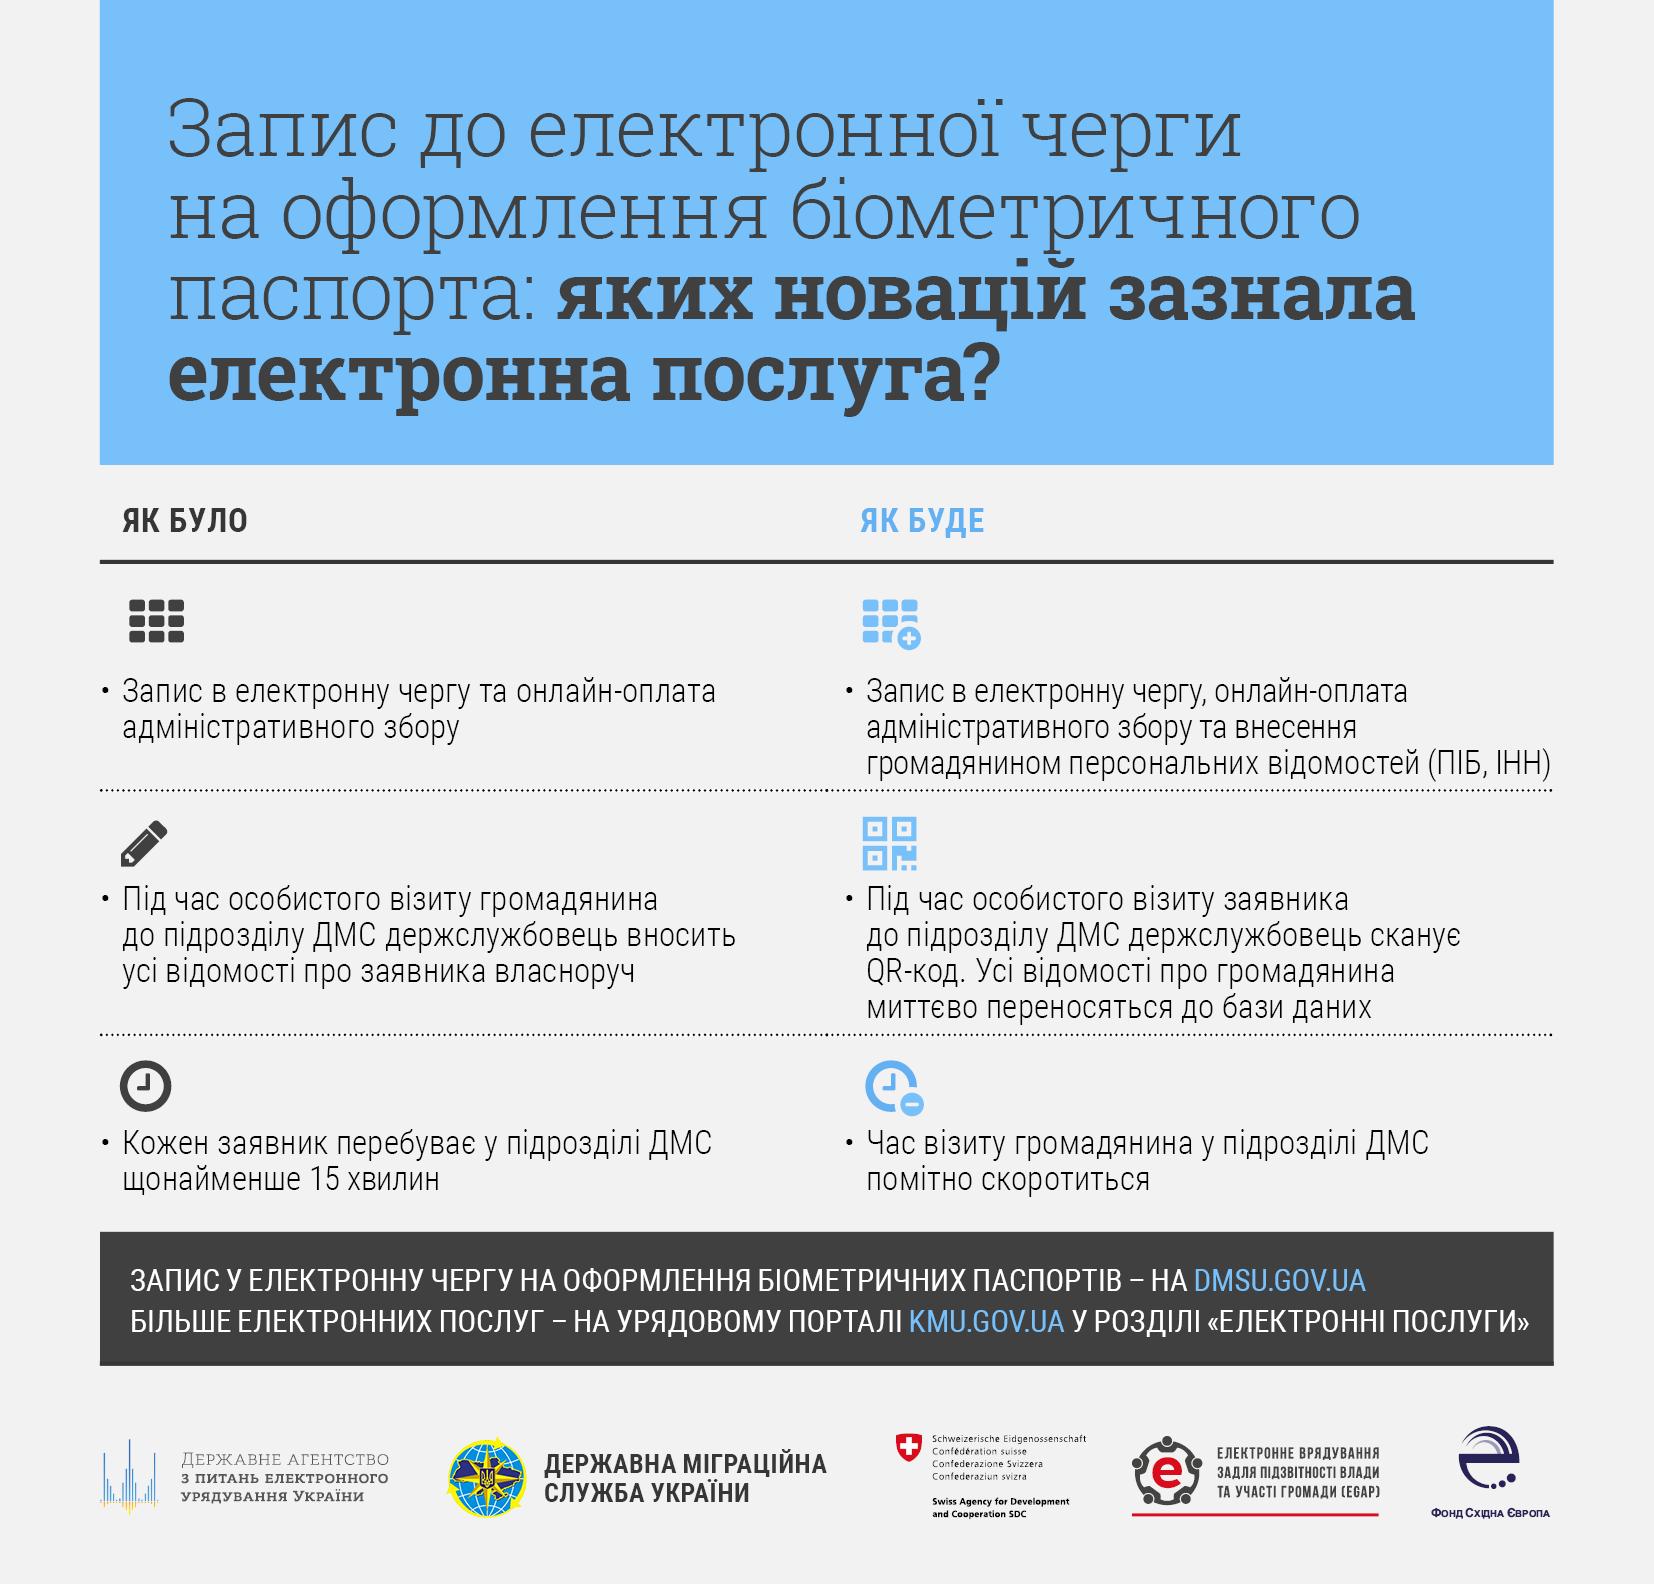 В Україні стартував пілотний проект з онлайн-подачі документів для оформлення біометричного паспорта, фото-1